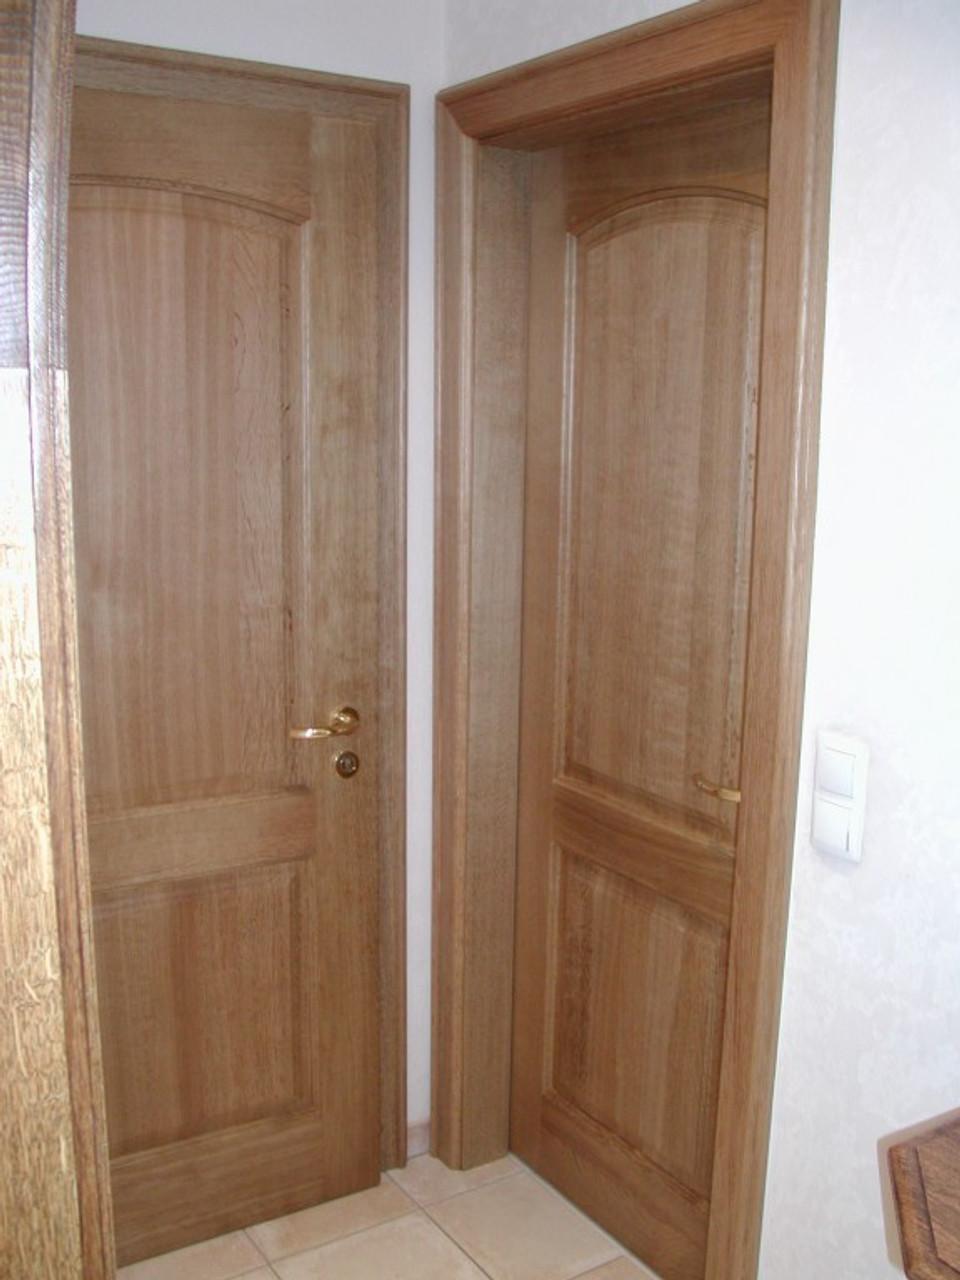 Zimmertür mit 2 Füllungen, obere Türfüllung mit flachem Stichogen, inklusive Zarge, Eiche massiv